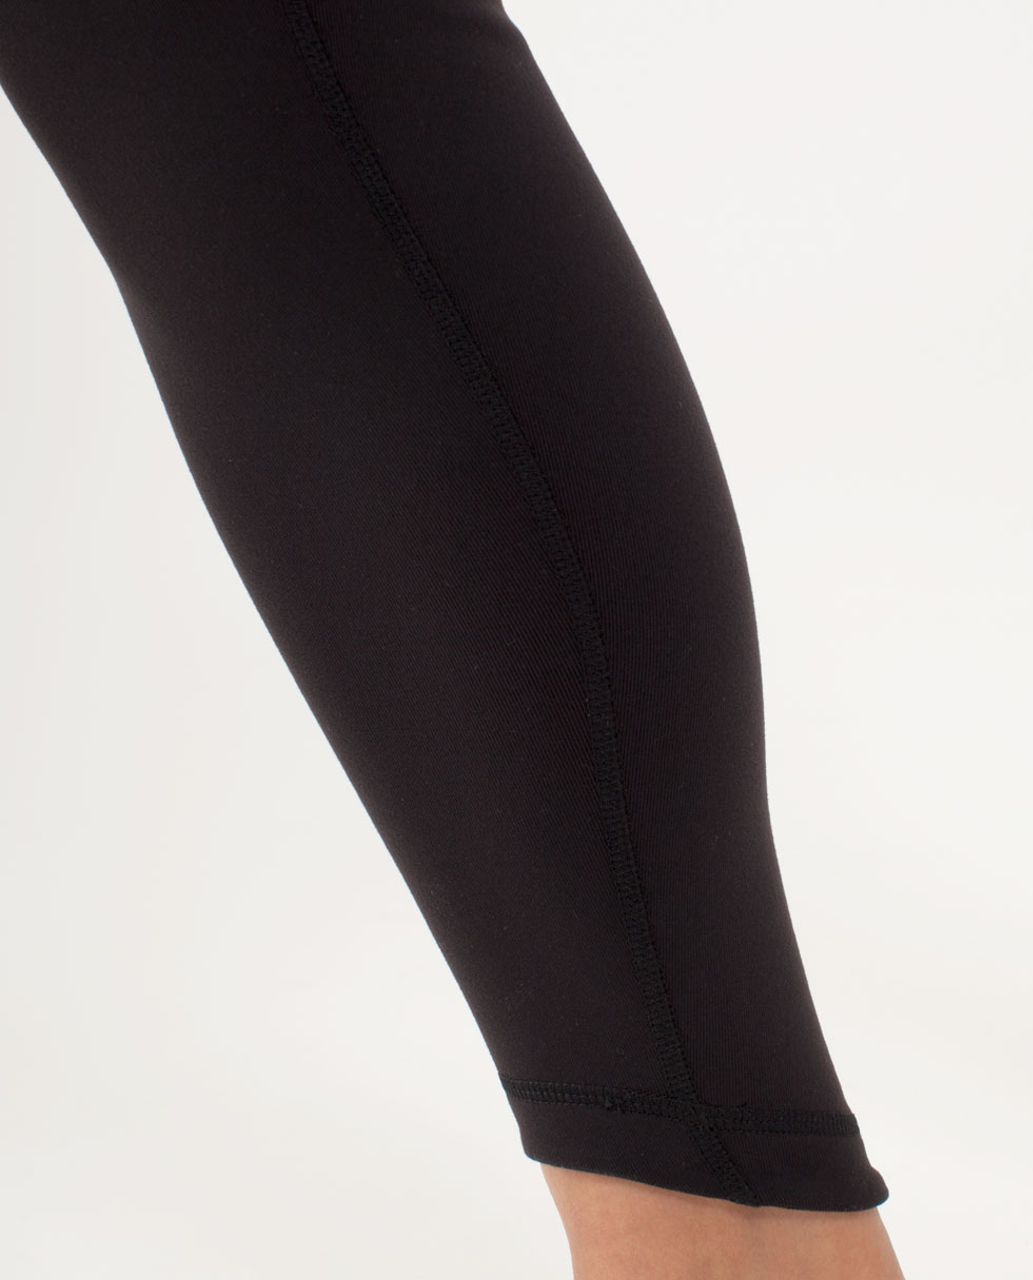 Lululemon Wunder Under Pant *Special Edition - Black